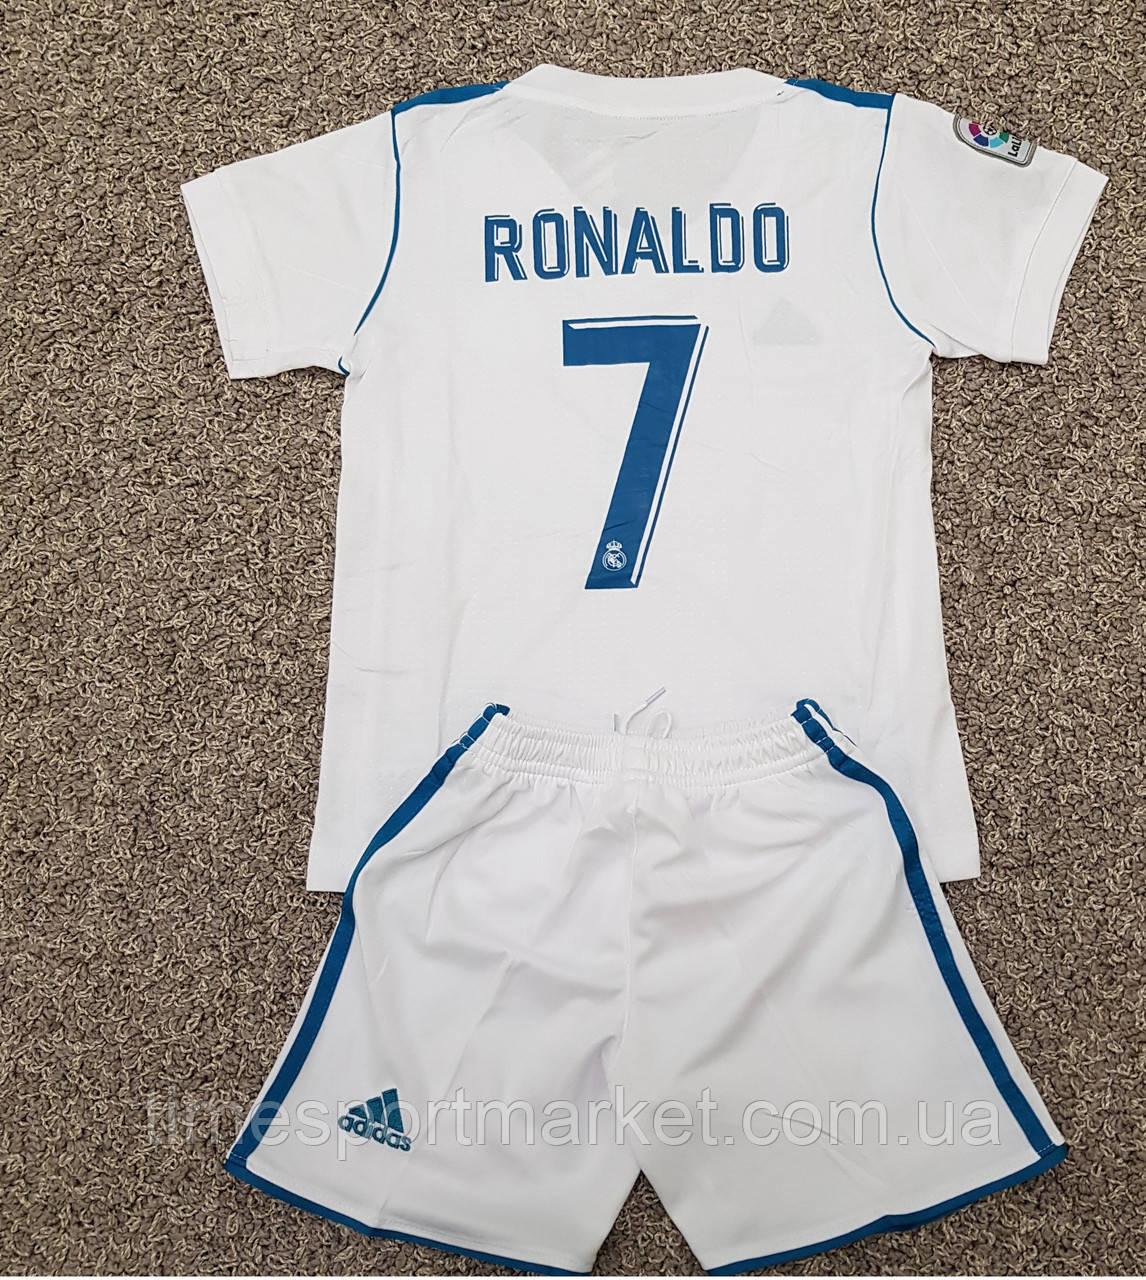 38807fef71b9 Футбольная форма Реал Мадрид Детская Роналдо белая 2017-2018 (домашняя)  -Топ качество